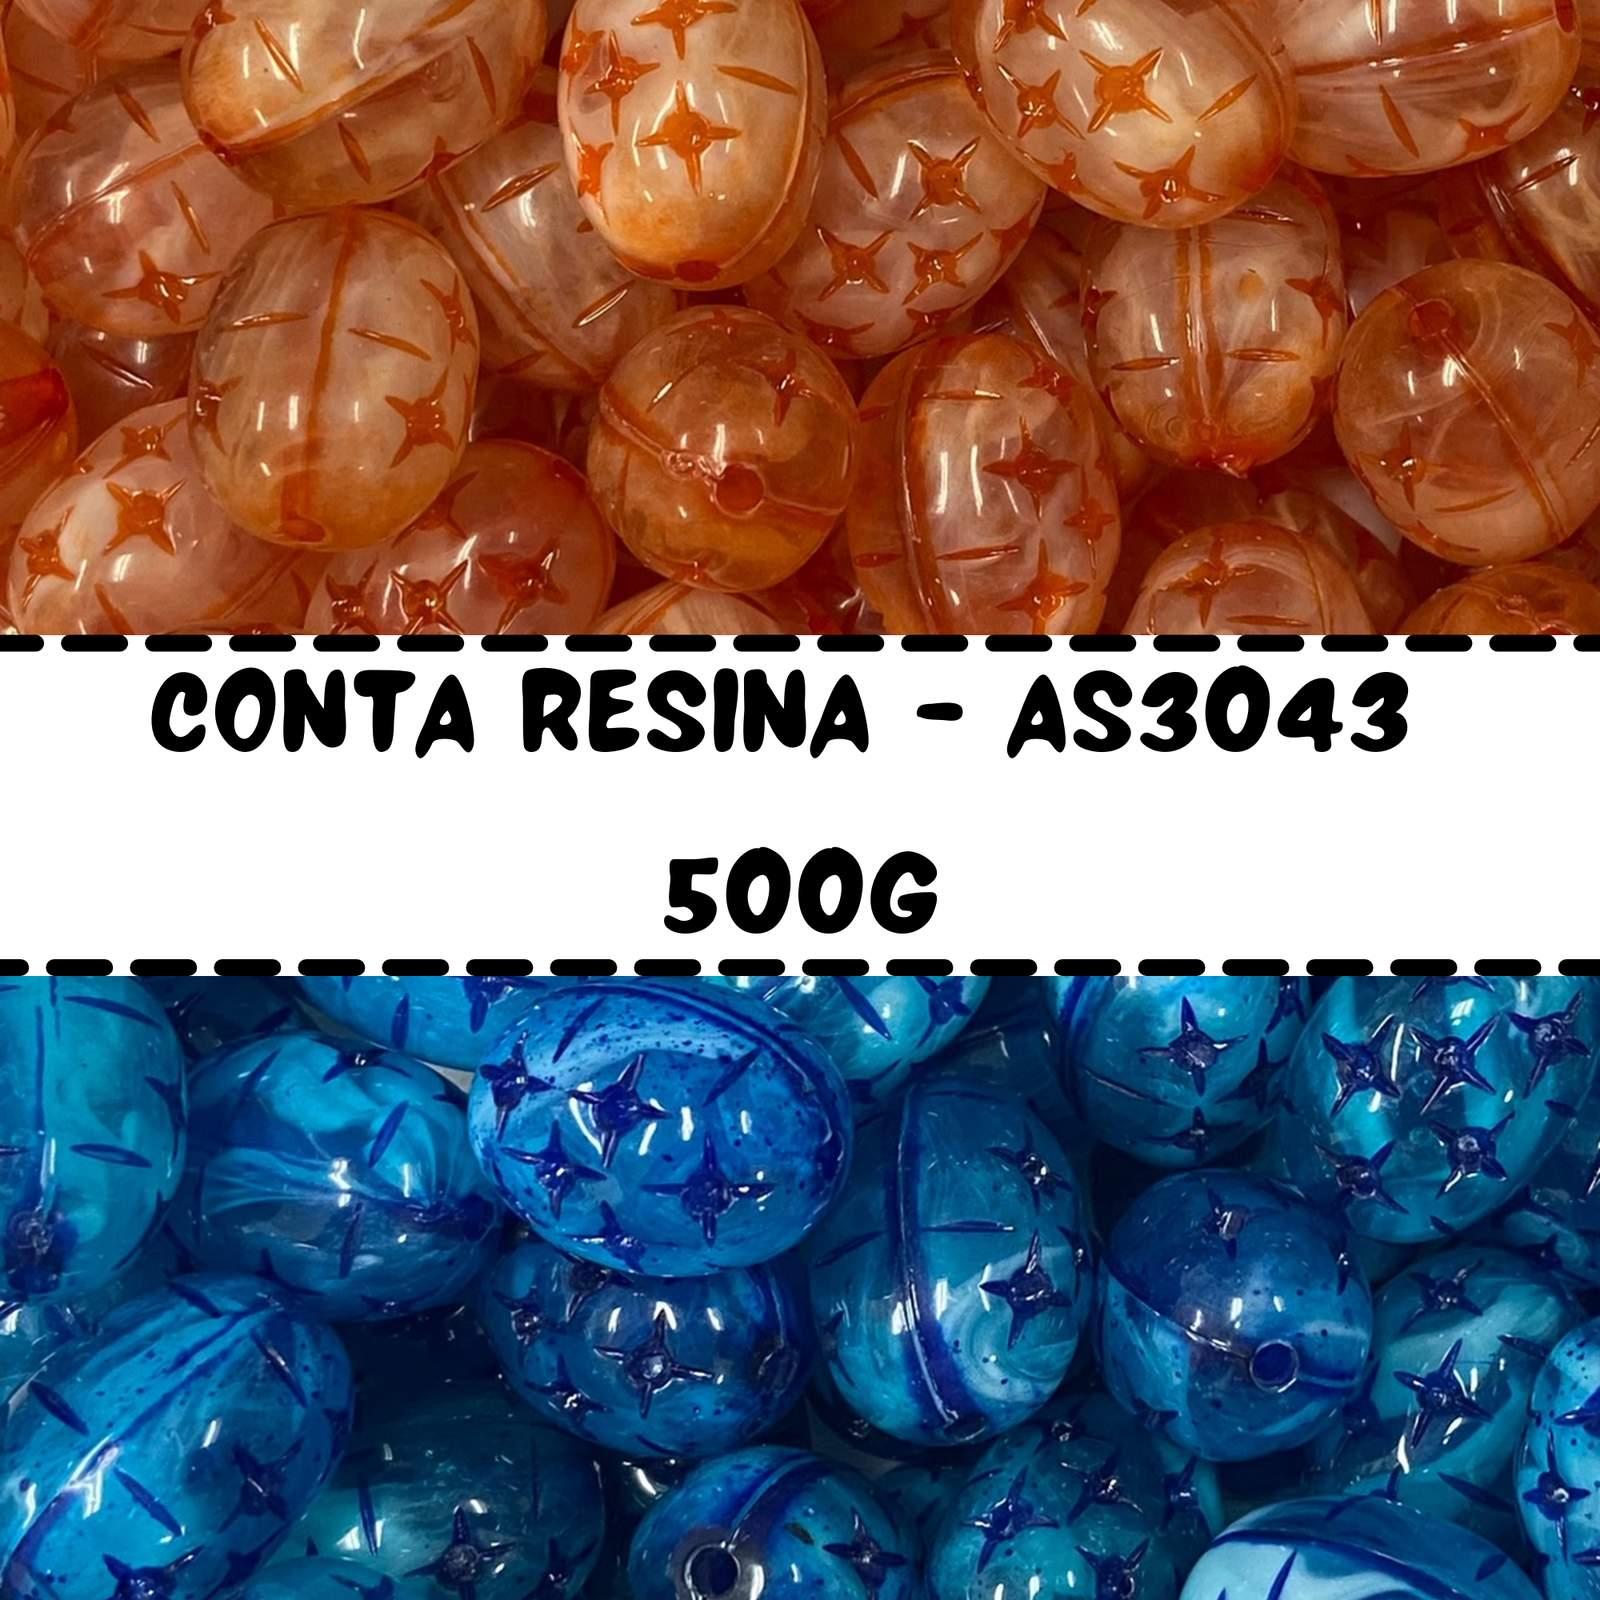 Conta Resina Oval AS3043 - 500g